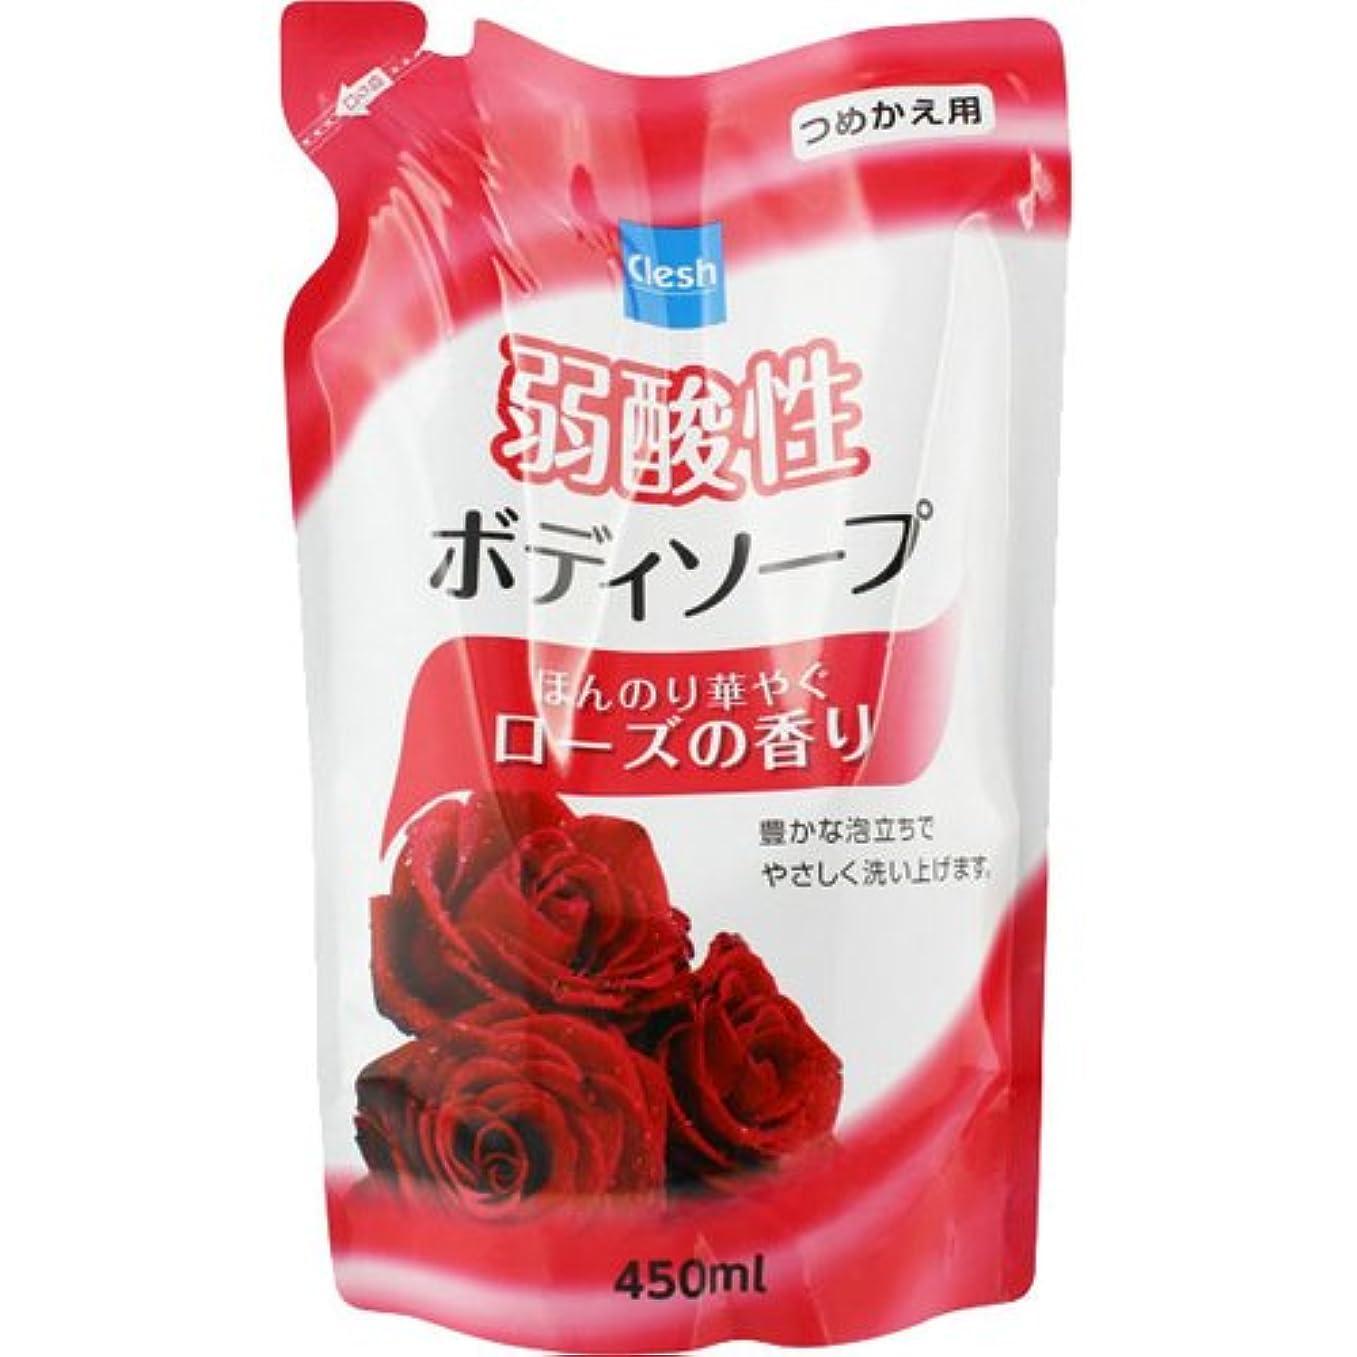 最大限クラシカルケニアClesh(クレシュ) 弱酸性ボディソープ ローズの香り つめかえ用 450ml